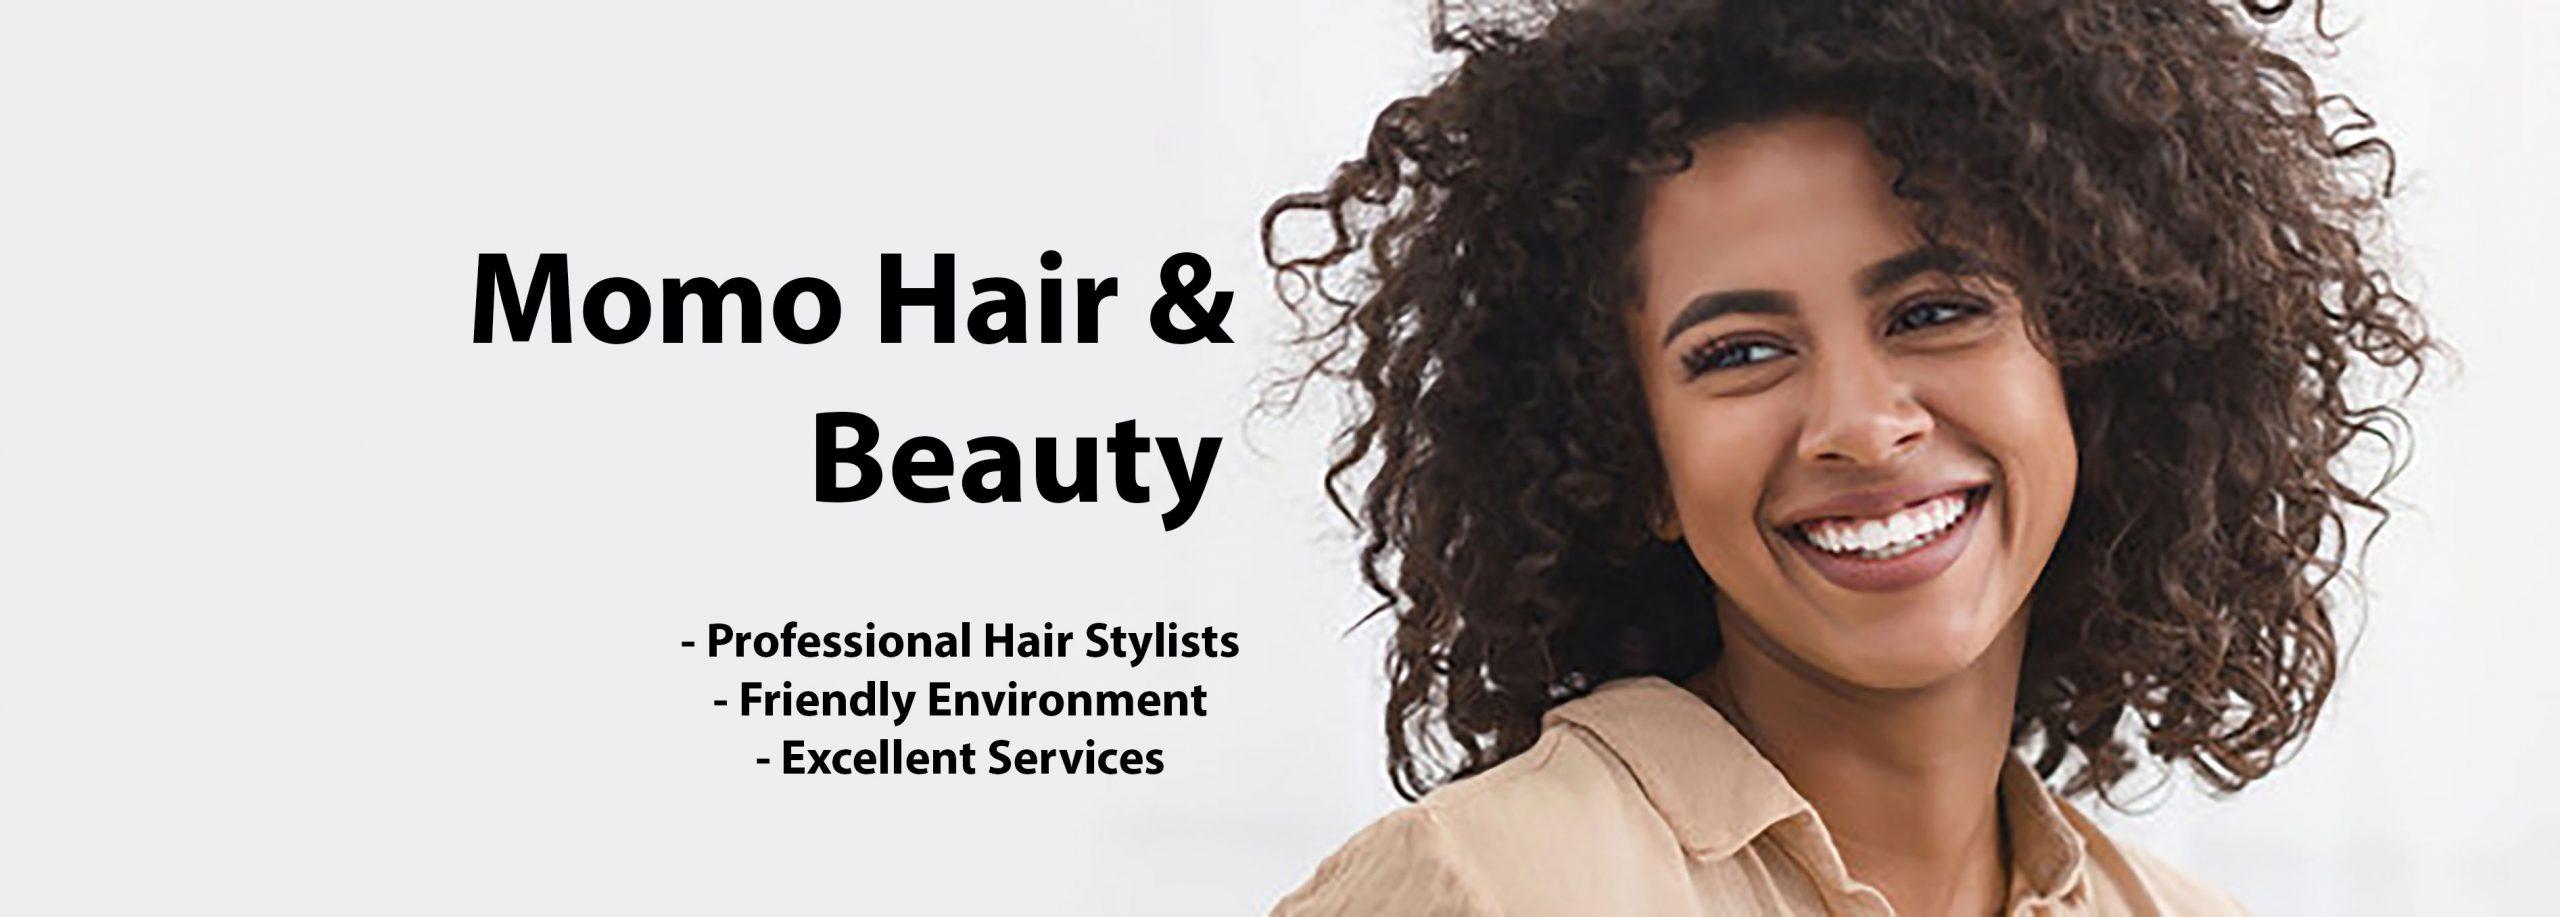 Momo Hair and beauty